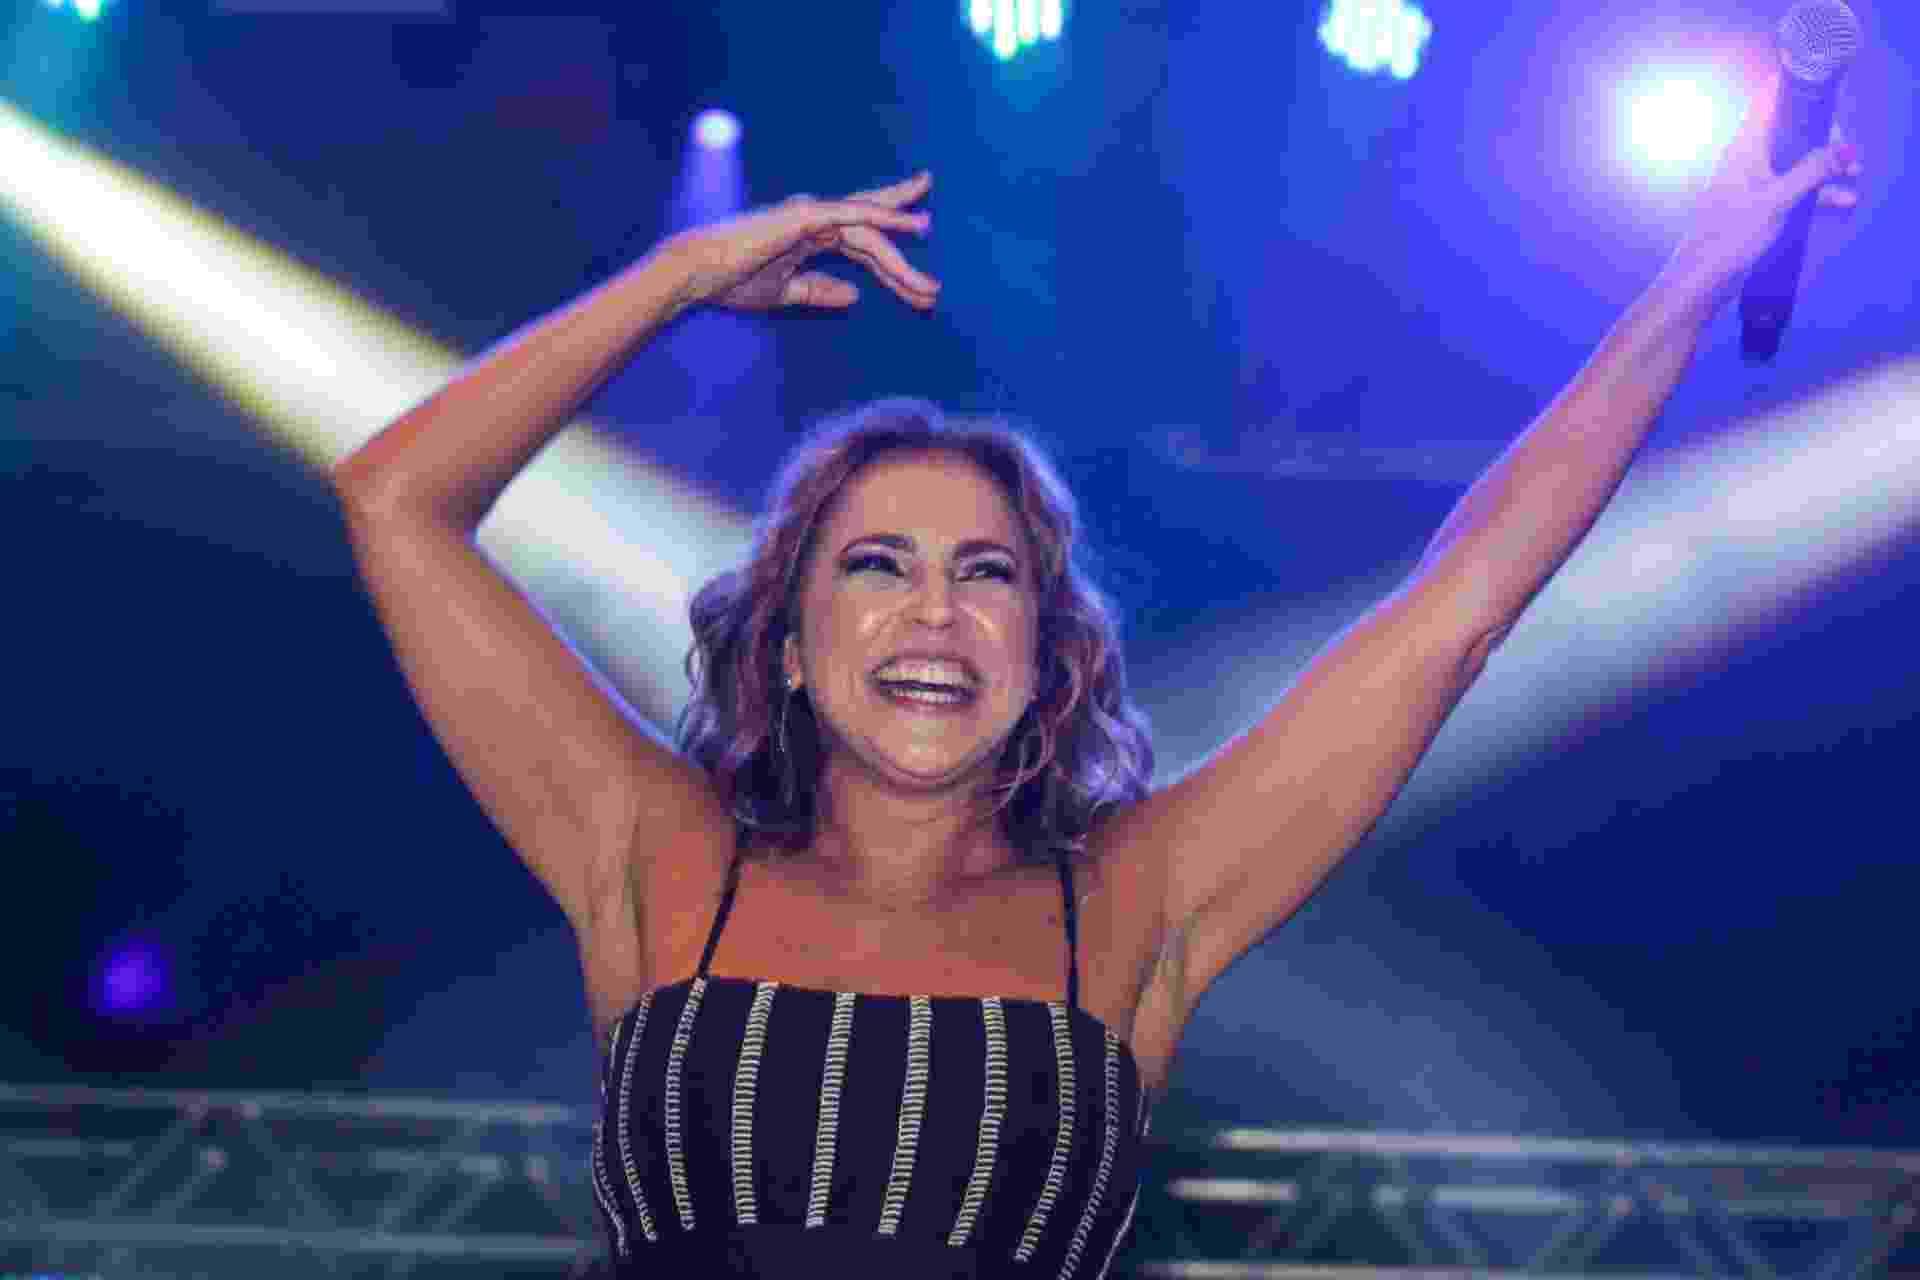 20.jun.2015 - Cantora Daniela Mercury se apresenta no palco Júlio Prestes da Virada Cultural 2015, no centro da cidade de São Paulo, na noite deste sábado (20) - Marcos Moraes/Folhapress